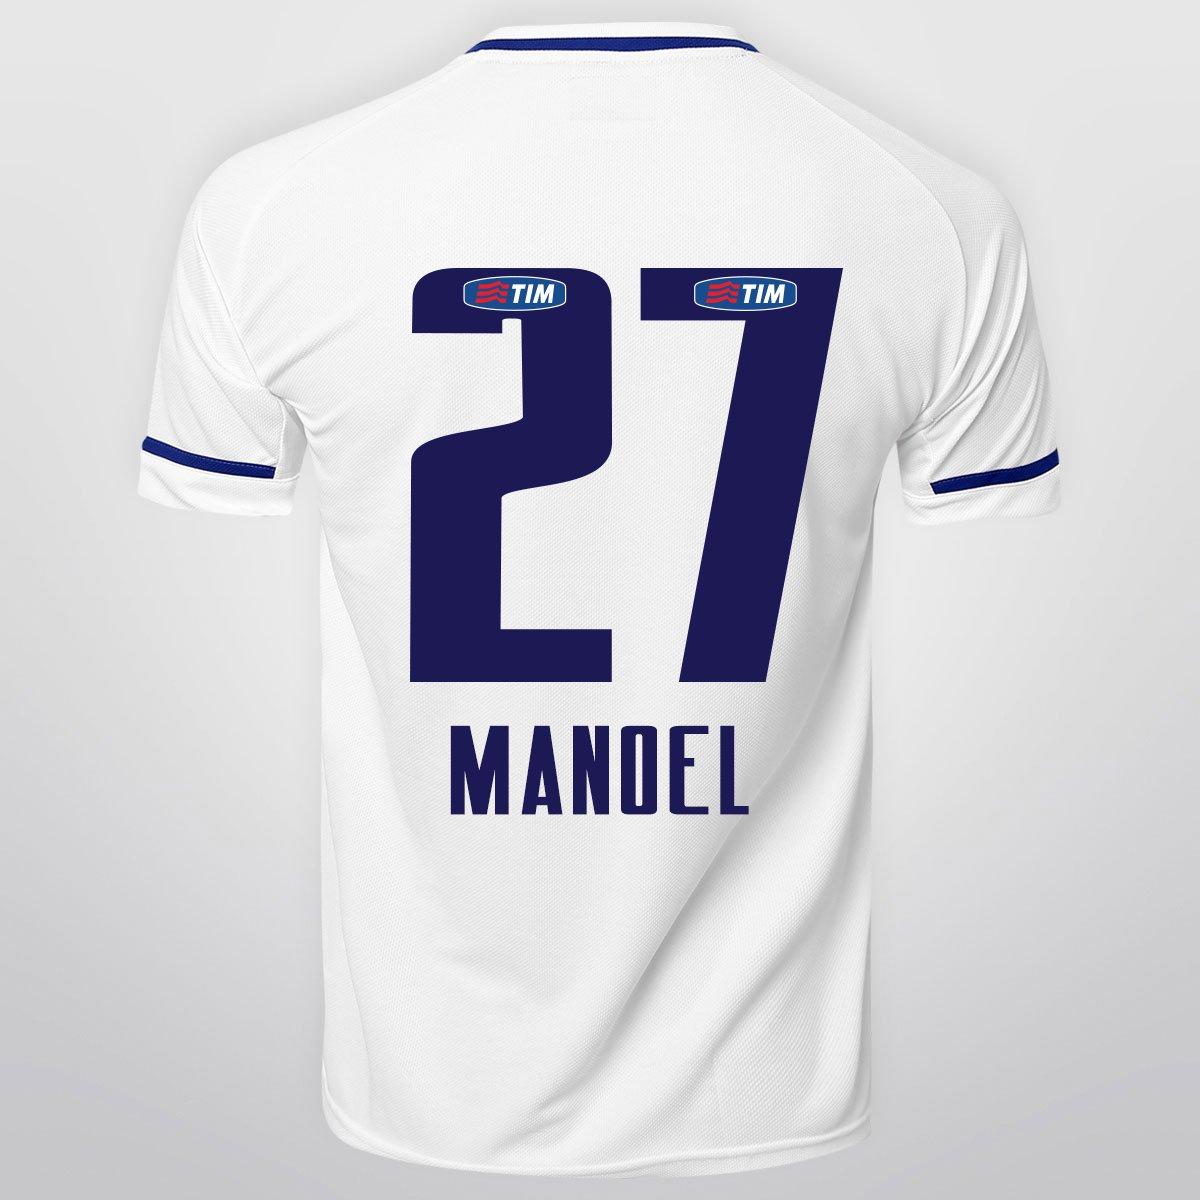 2a54361d11 Camisa Penalty Cruzeiro II 15 16 nº 27 - Manoel - Compre Agora ...